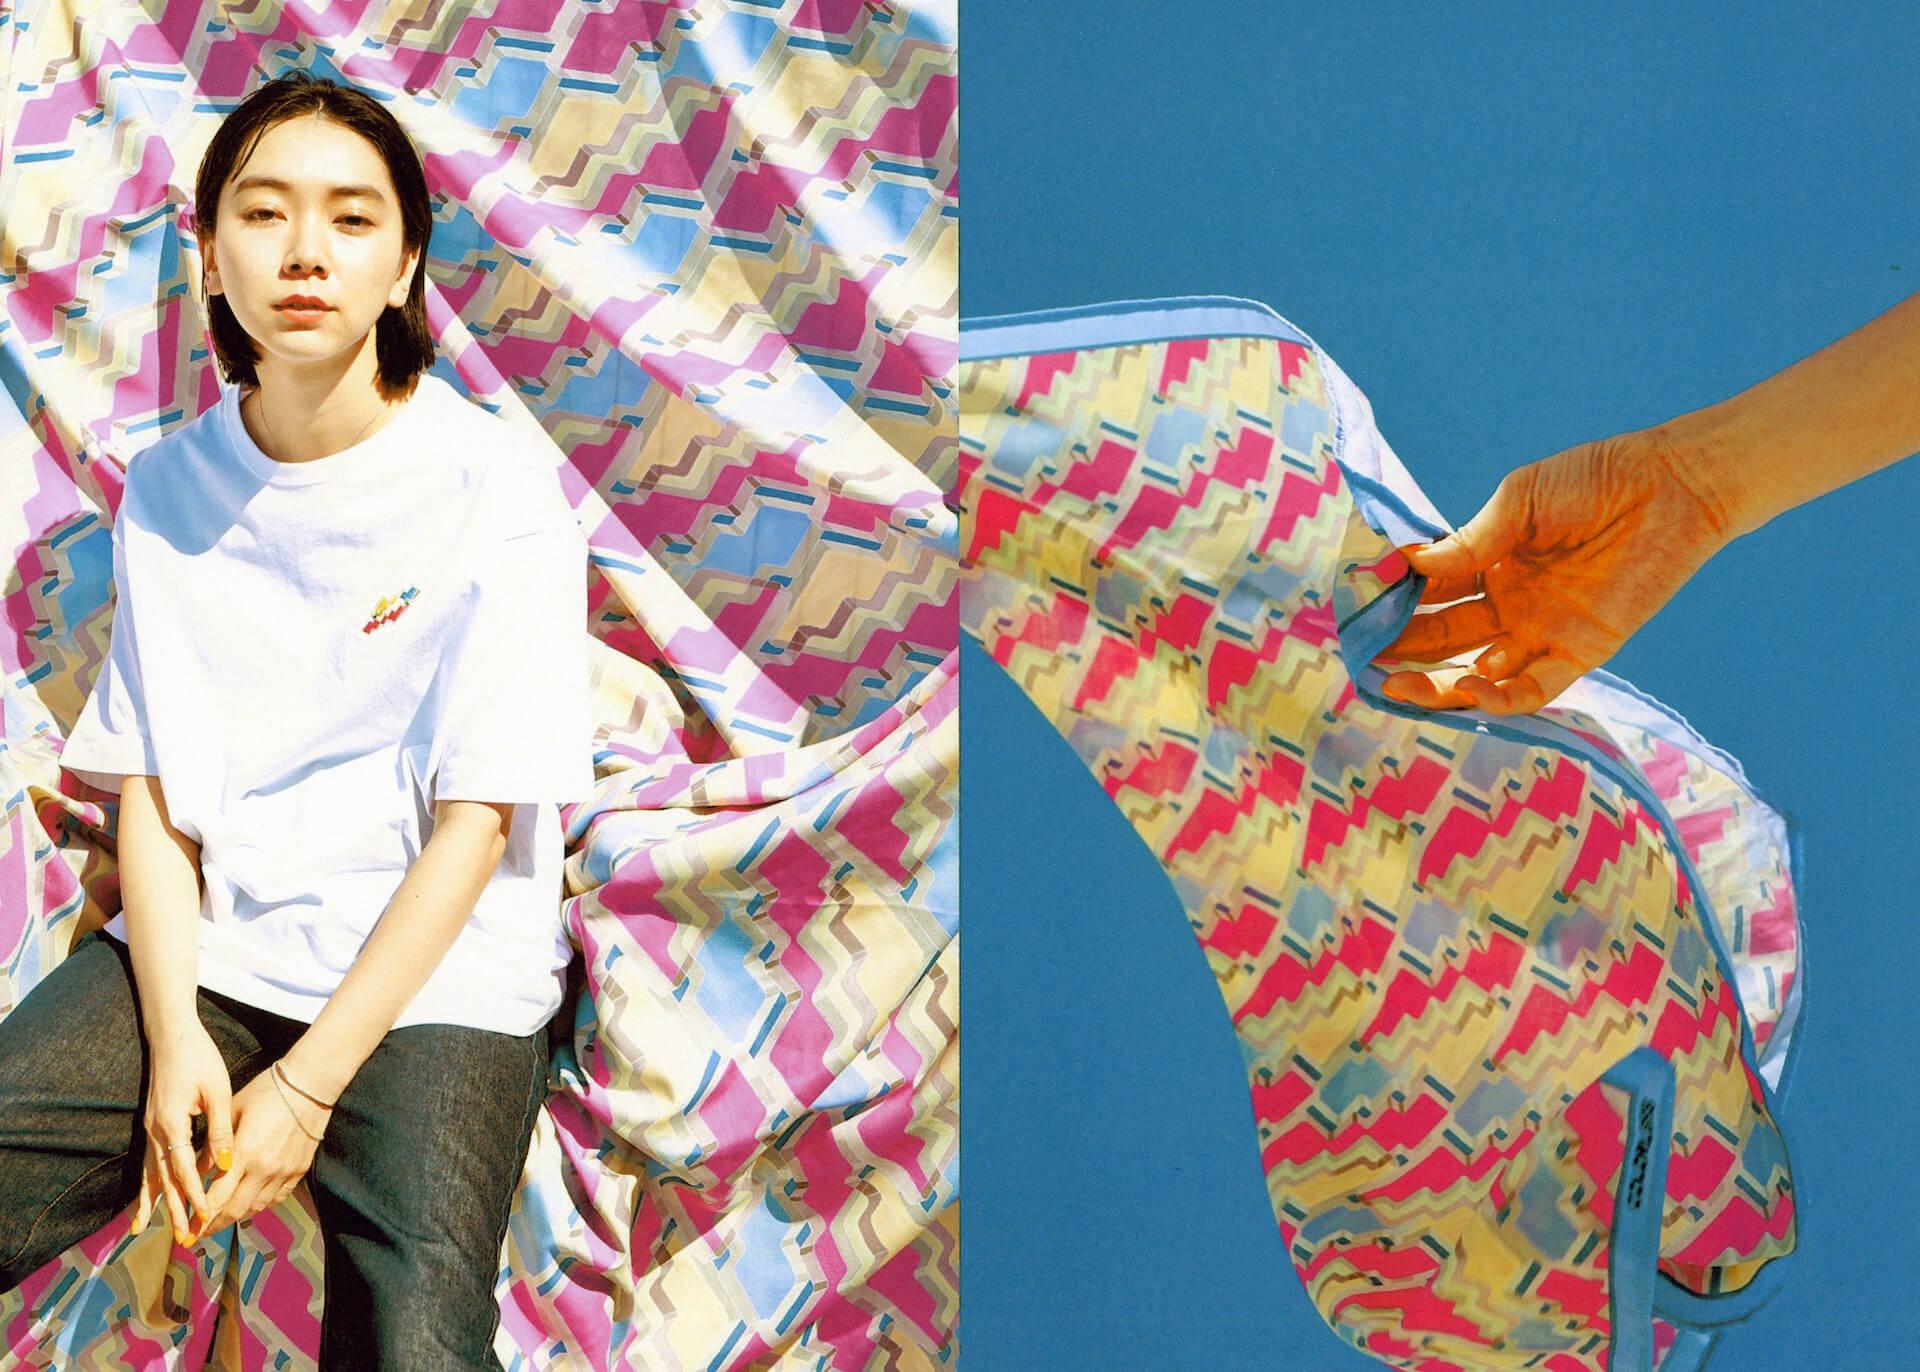 向井太一『COLORLESS』リリース記念!デザイナー・KEISUKE SHODAとのコラボグッズが発売開始! music210513_mukai-taichi-210513_2